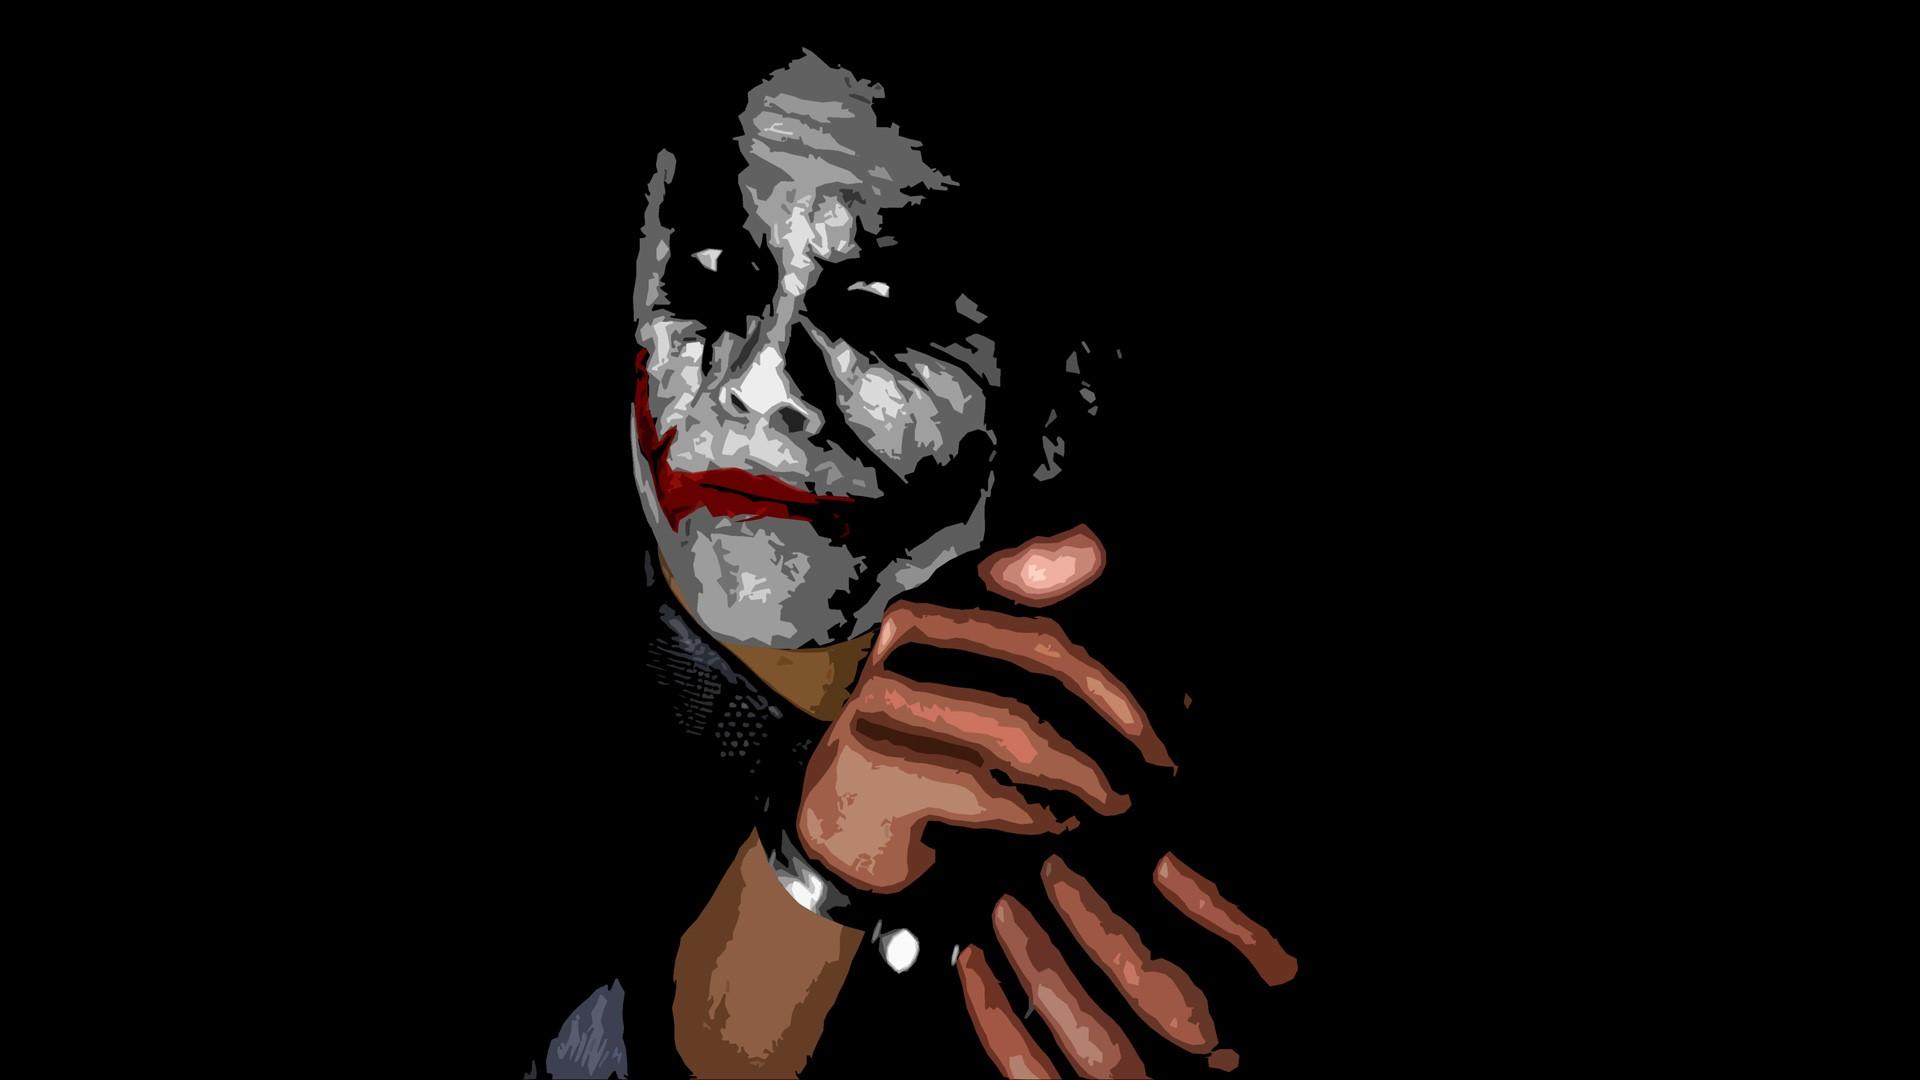 Joker resim indir